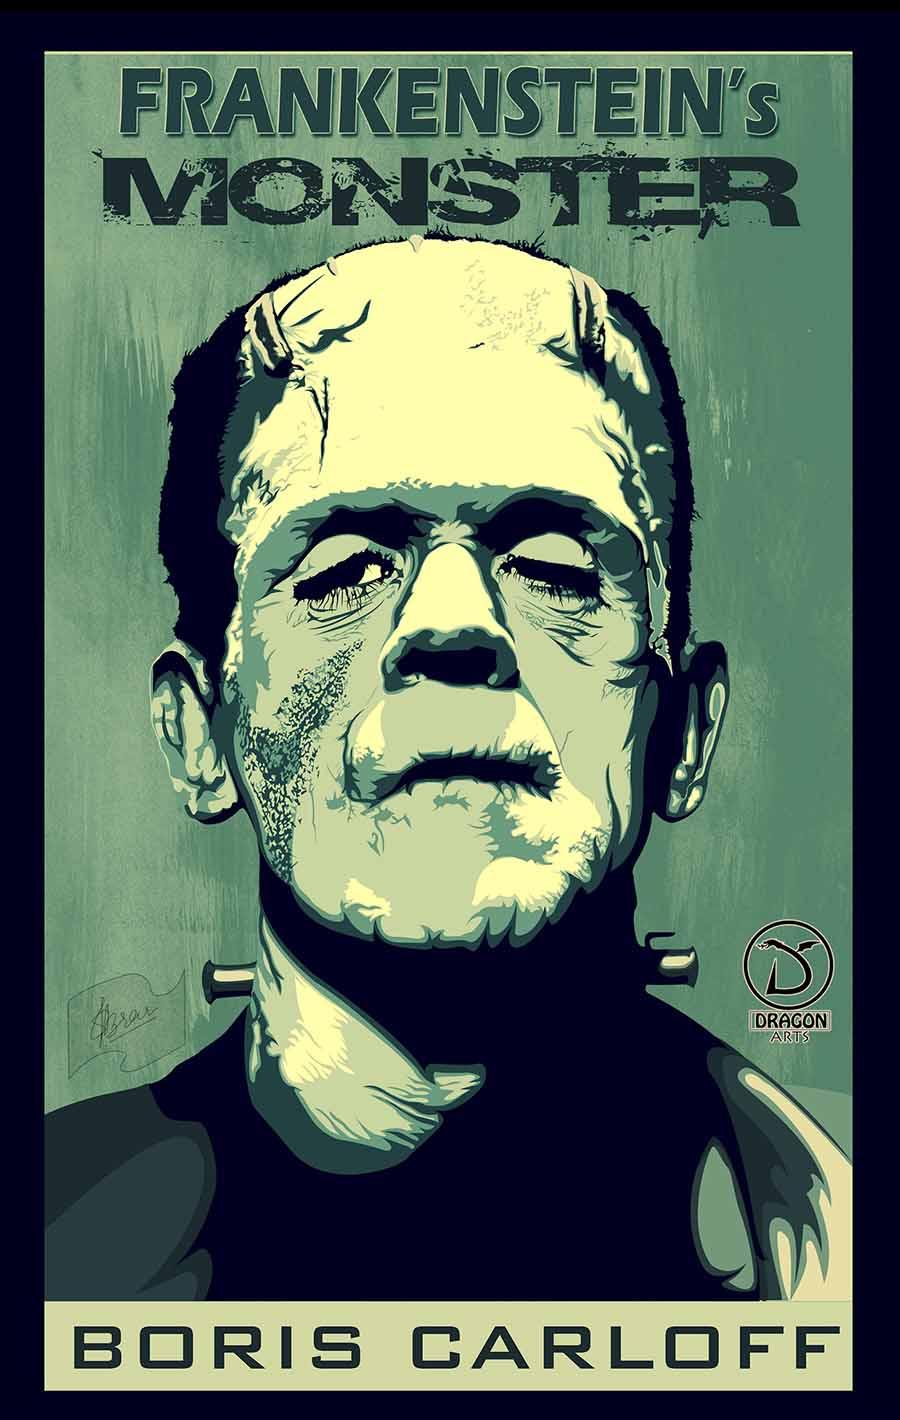 Frankenstein's Monster v2.0